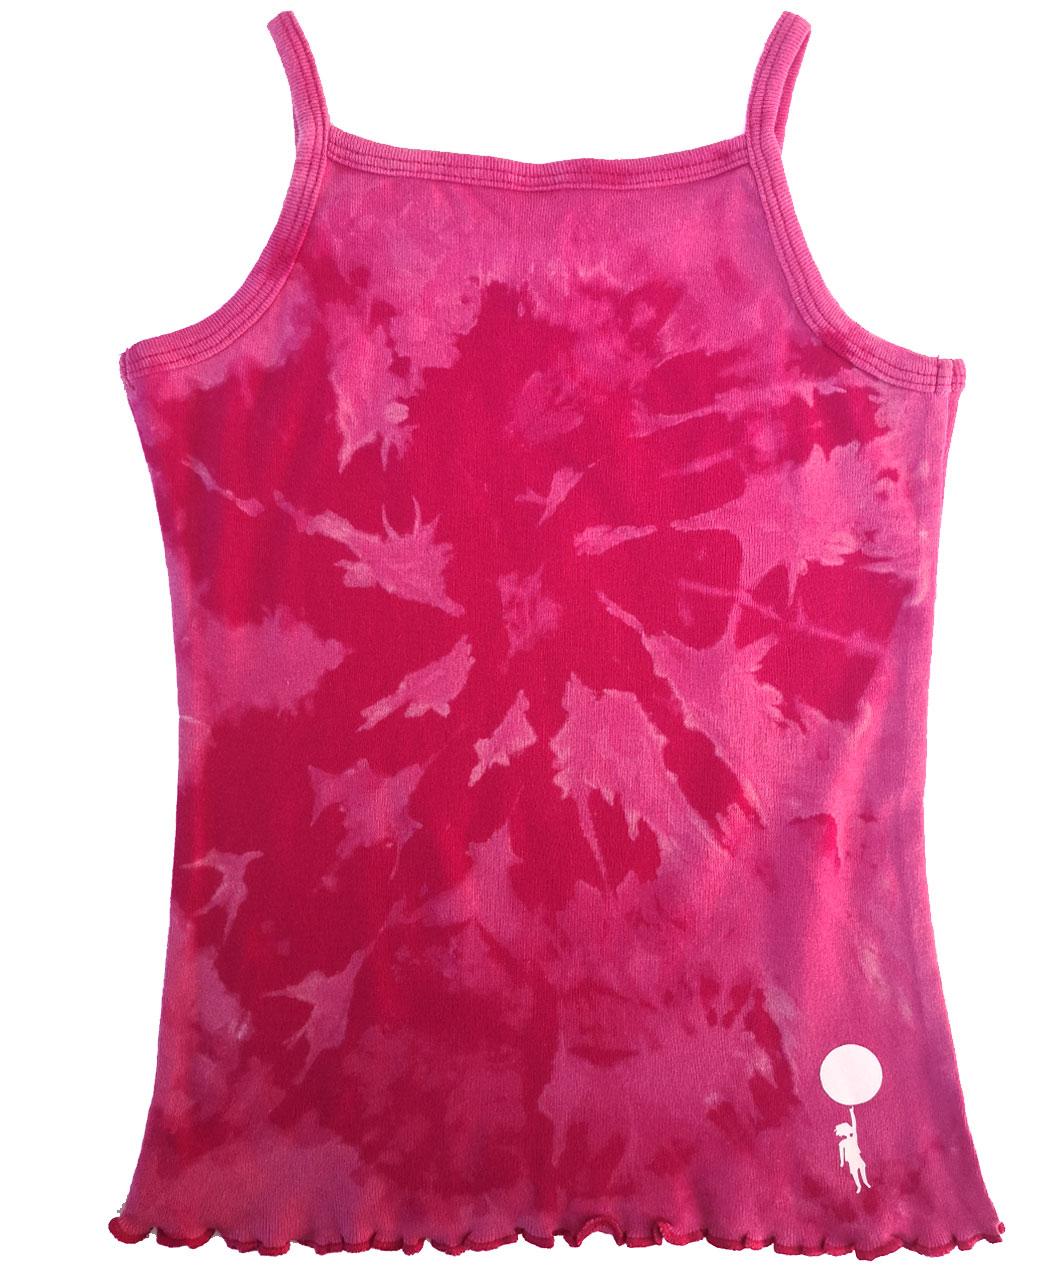 camiseta tirantes nina rosa fucsia tie dye dibujo unicornio arcoiris